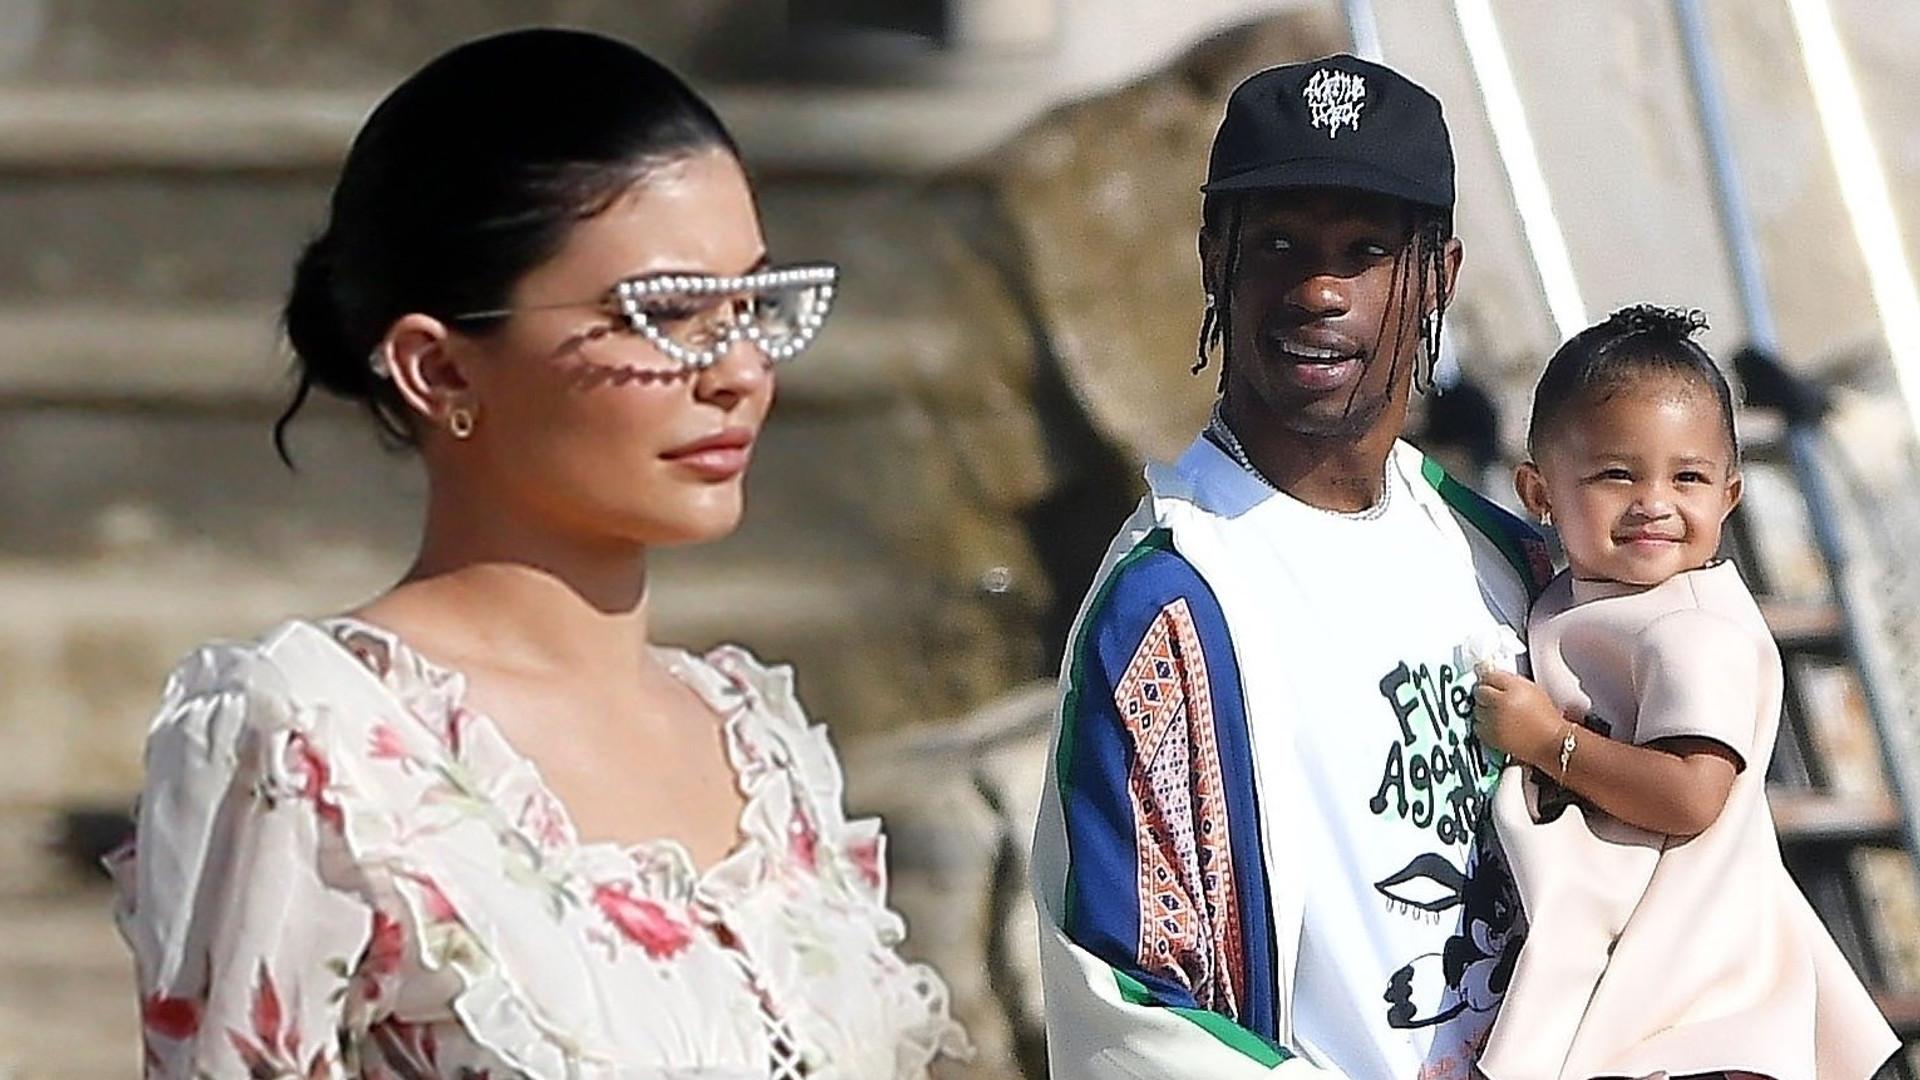 Kylie Jenner w dziewczęcej stylizacji. Travis Scott zajmuje się Stormi (ZDJĘCIA)